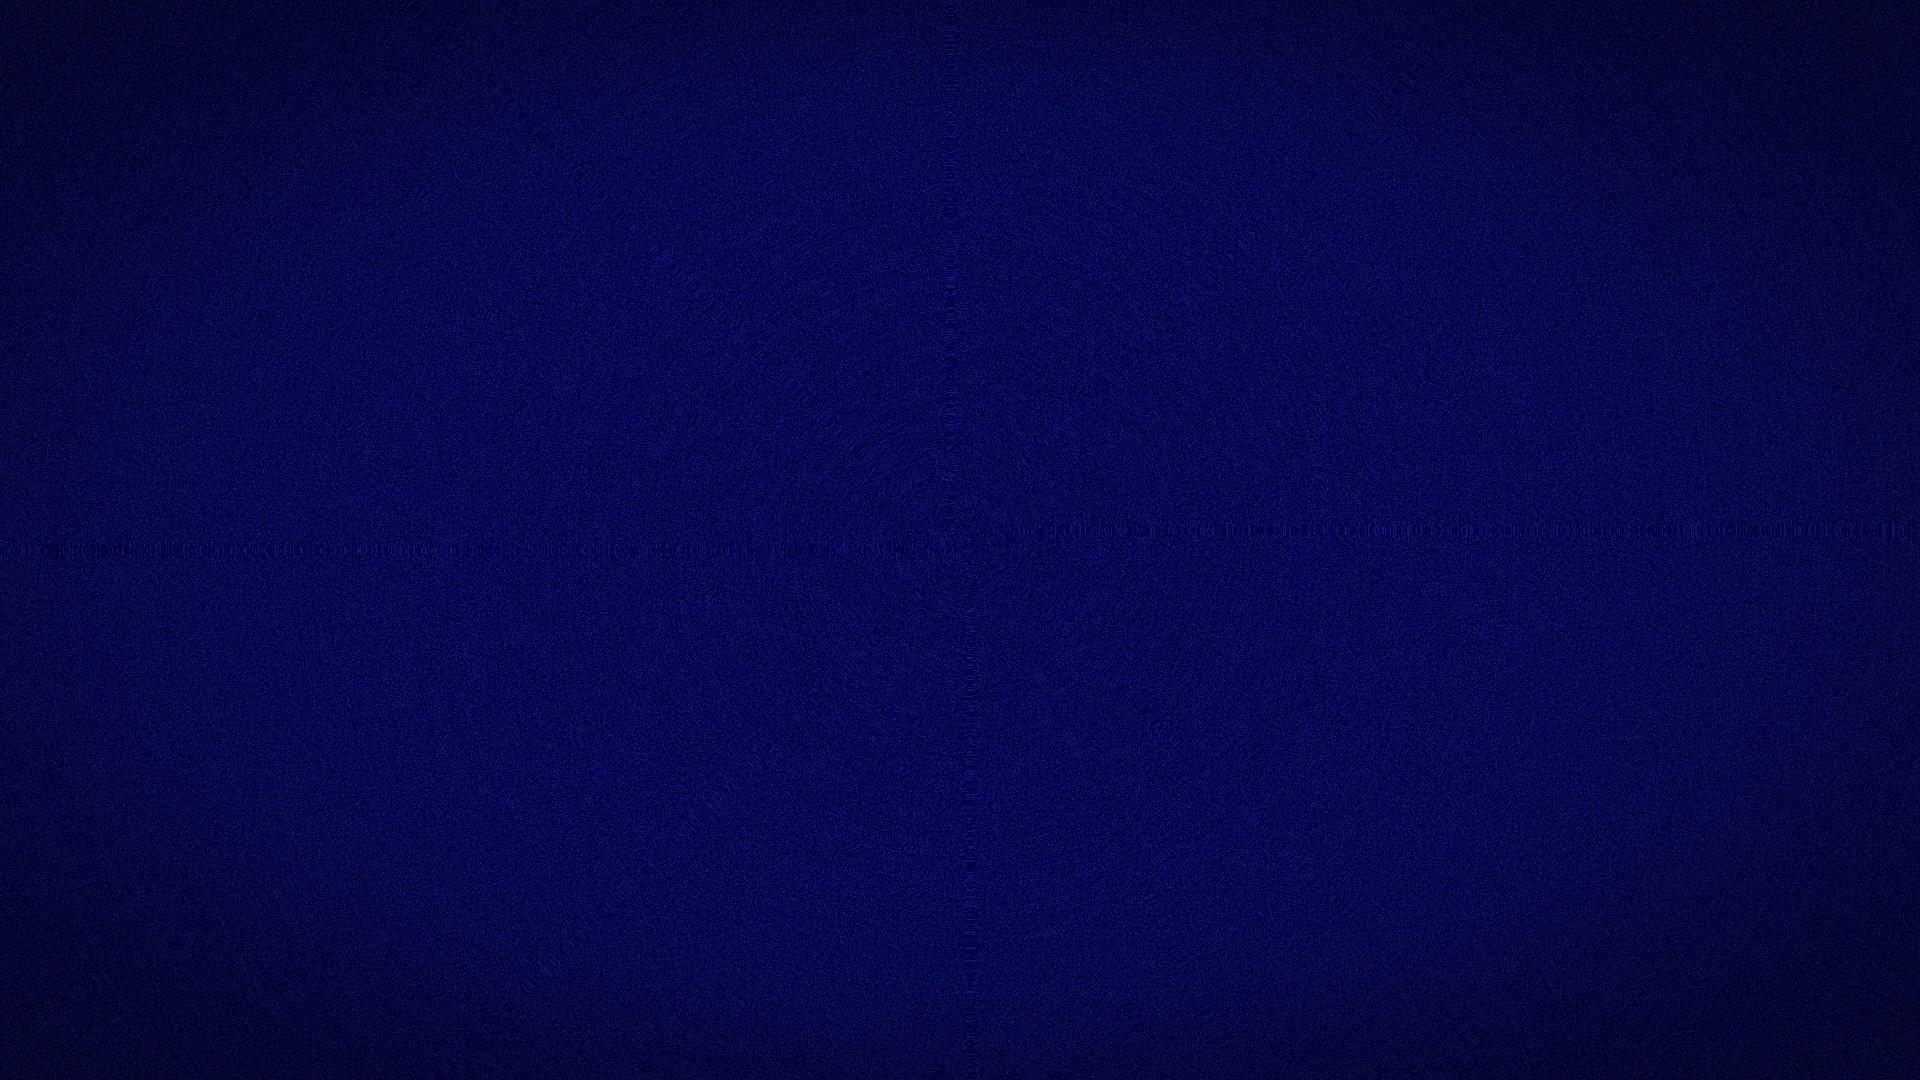 … plain black 3d 5 wide wallpaper hdblackwallpaper com …